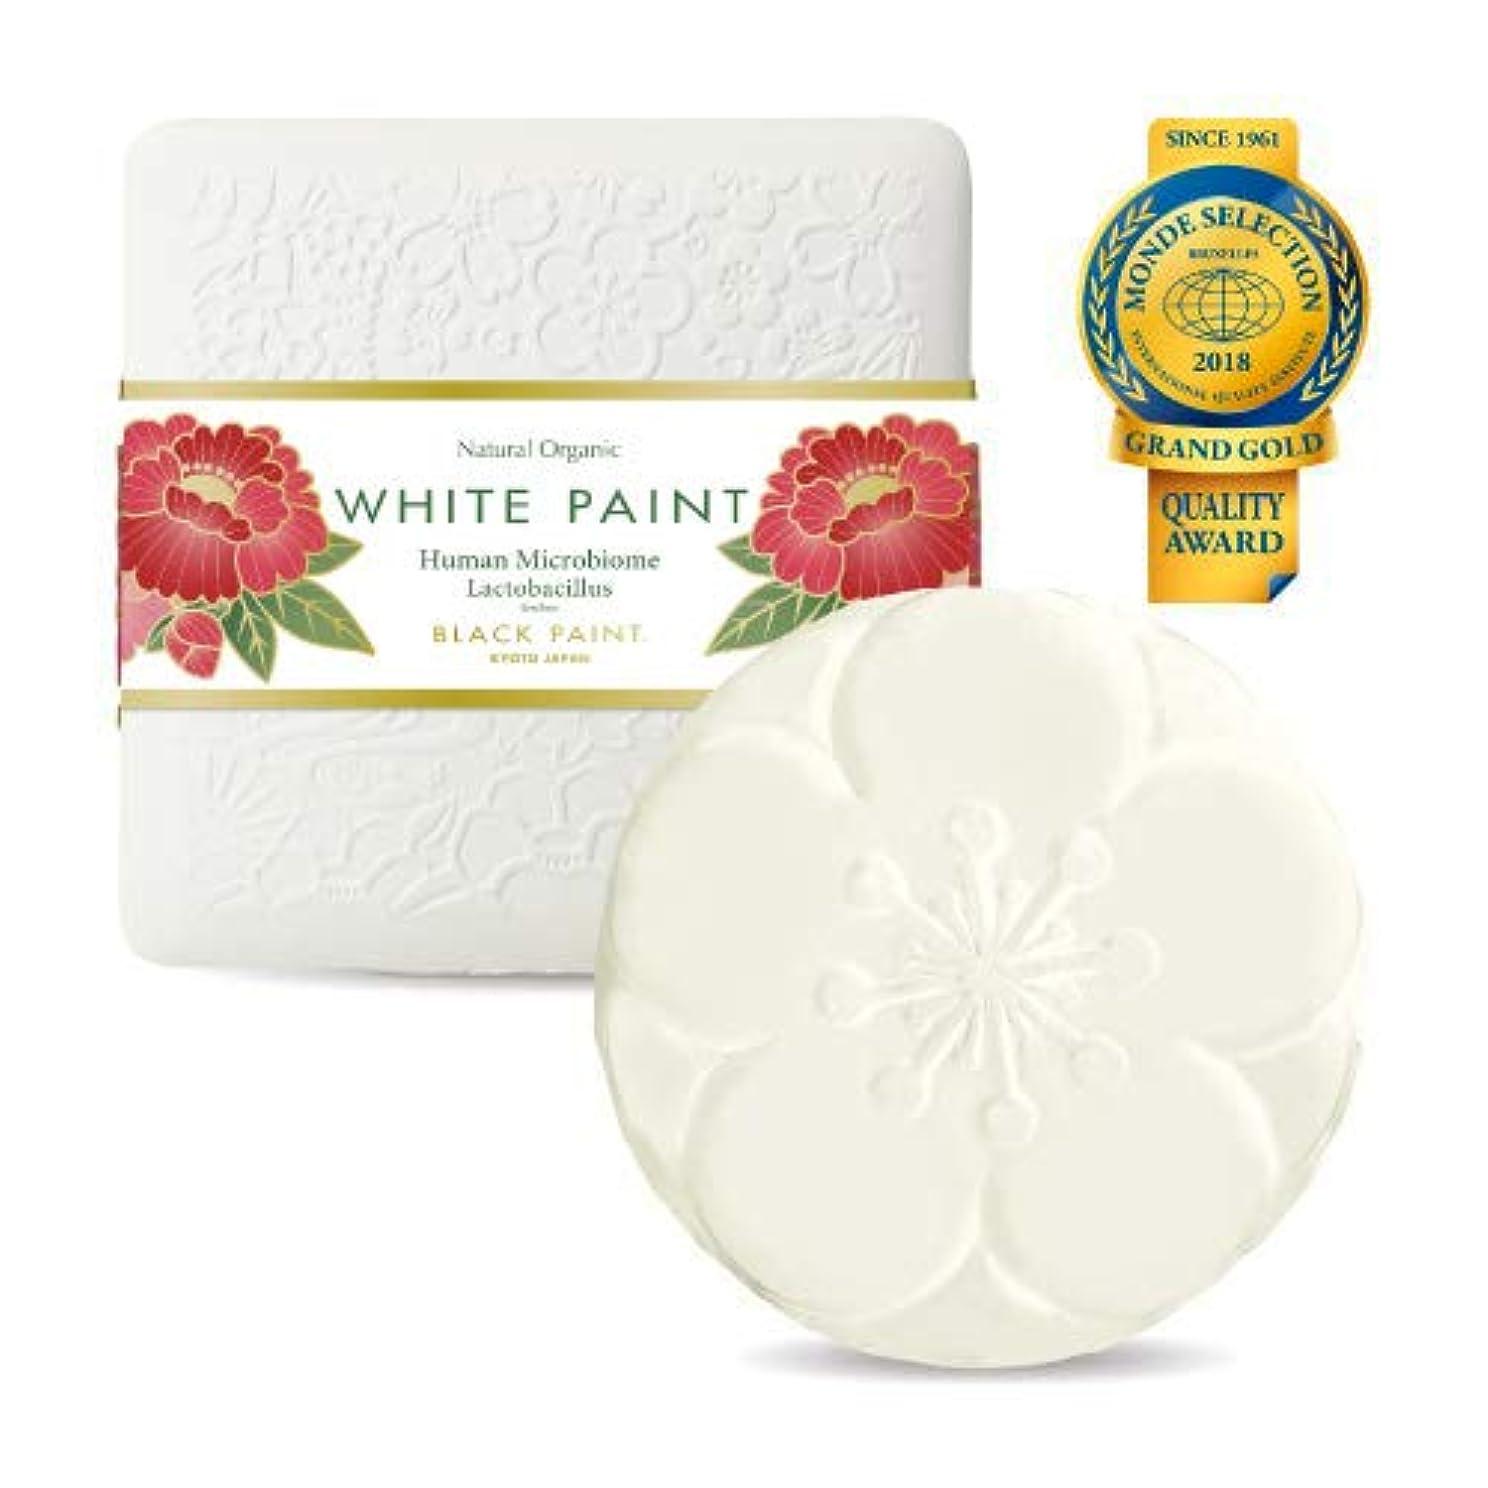 賭けファン喜劇乳酸菌入り プレミアム ホワイトペイント 60g ハーフサイズ 塗る洗顔 石鹸 無添加 国産 …